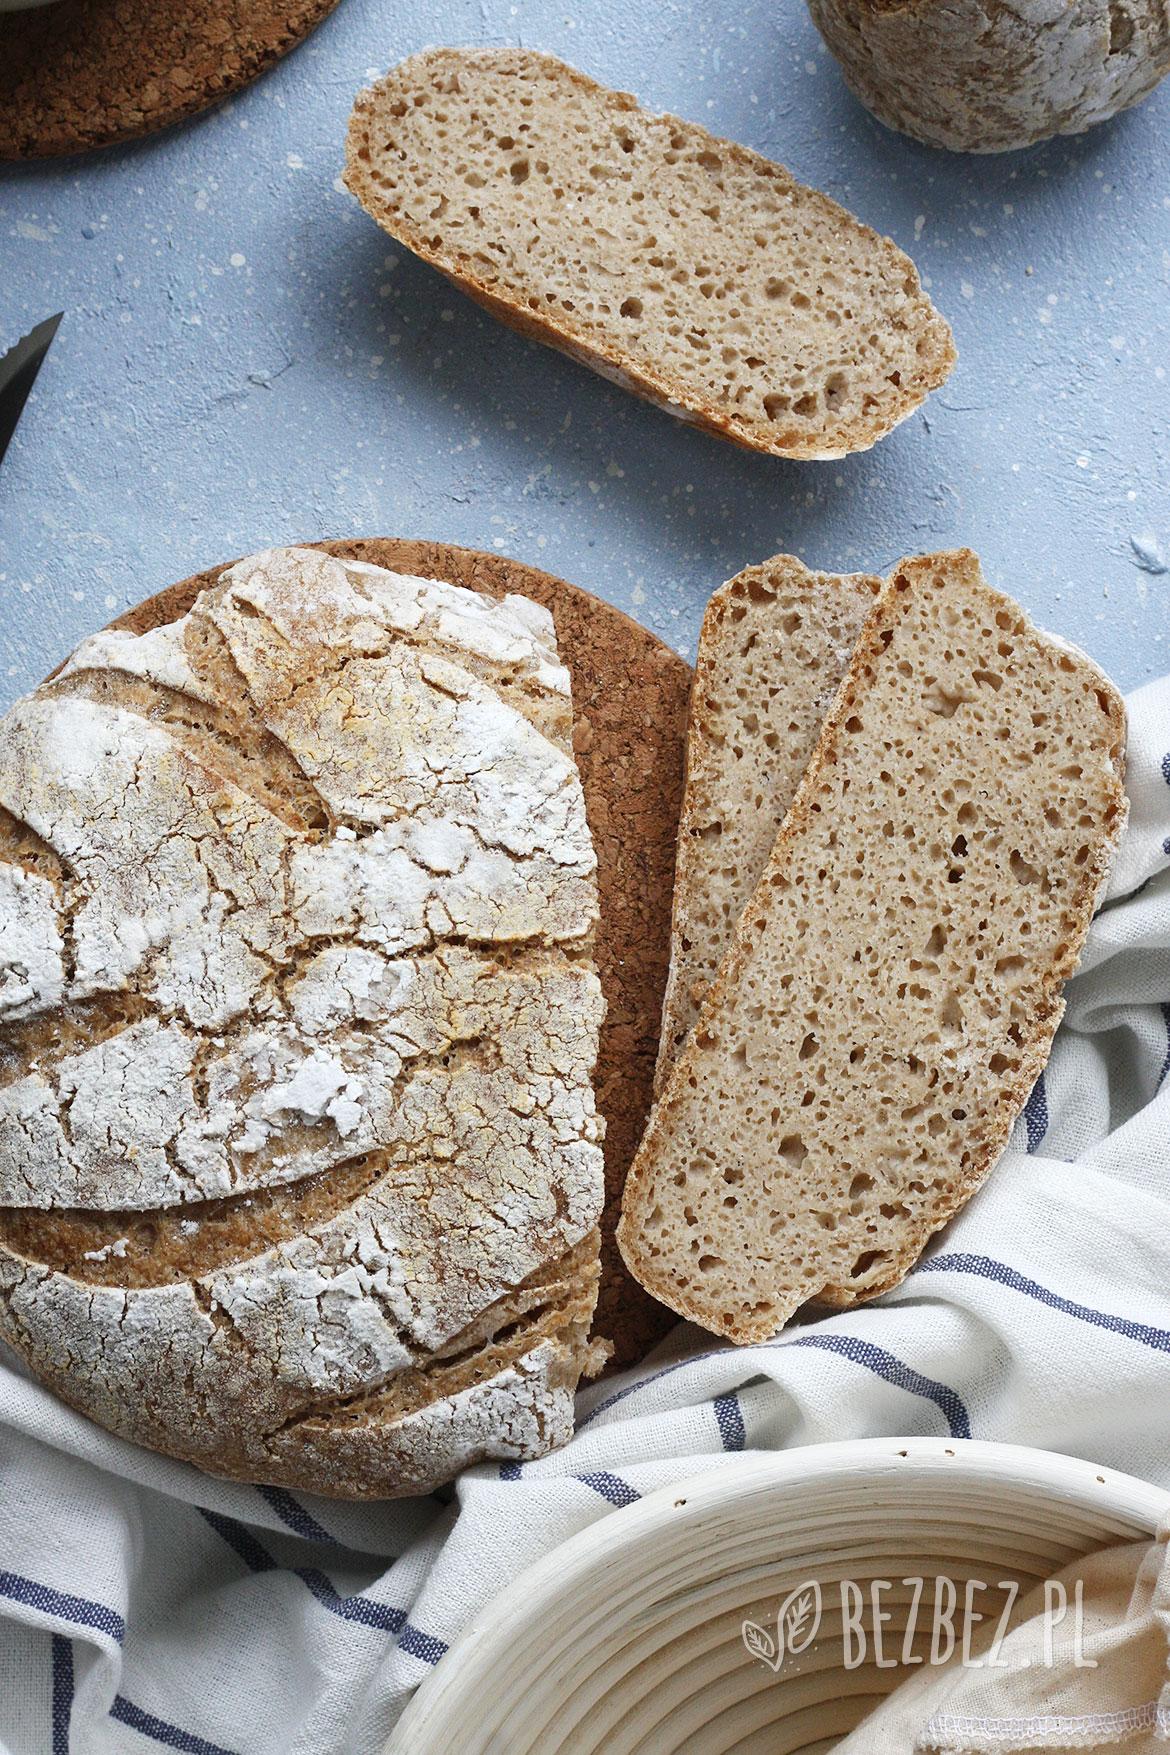 Chleb bezglutenowy na zakwasie ryżowo-owsianym pieczony w garnku